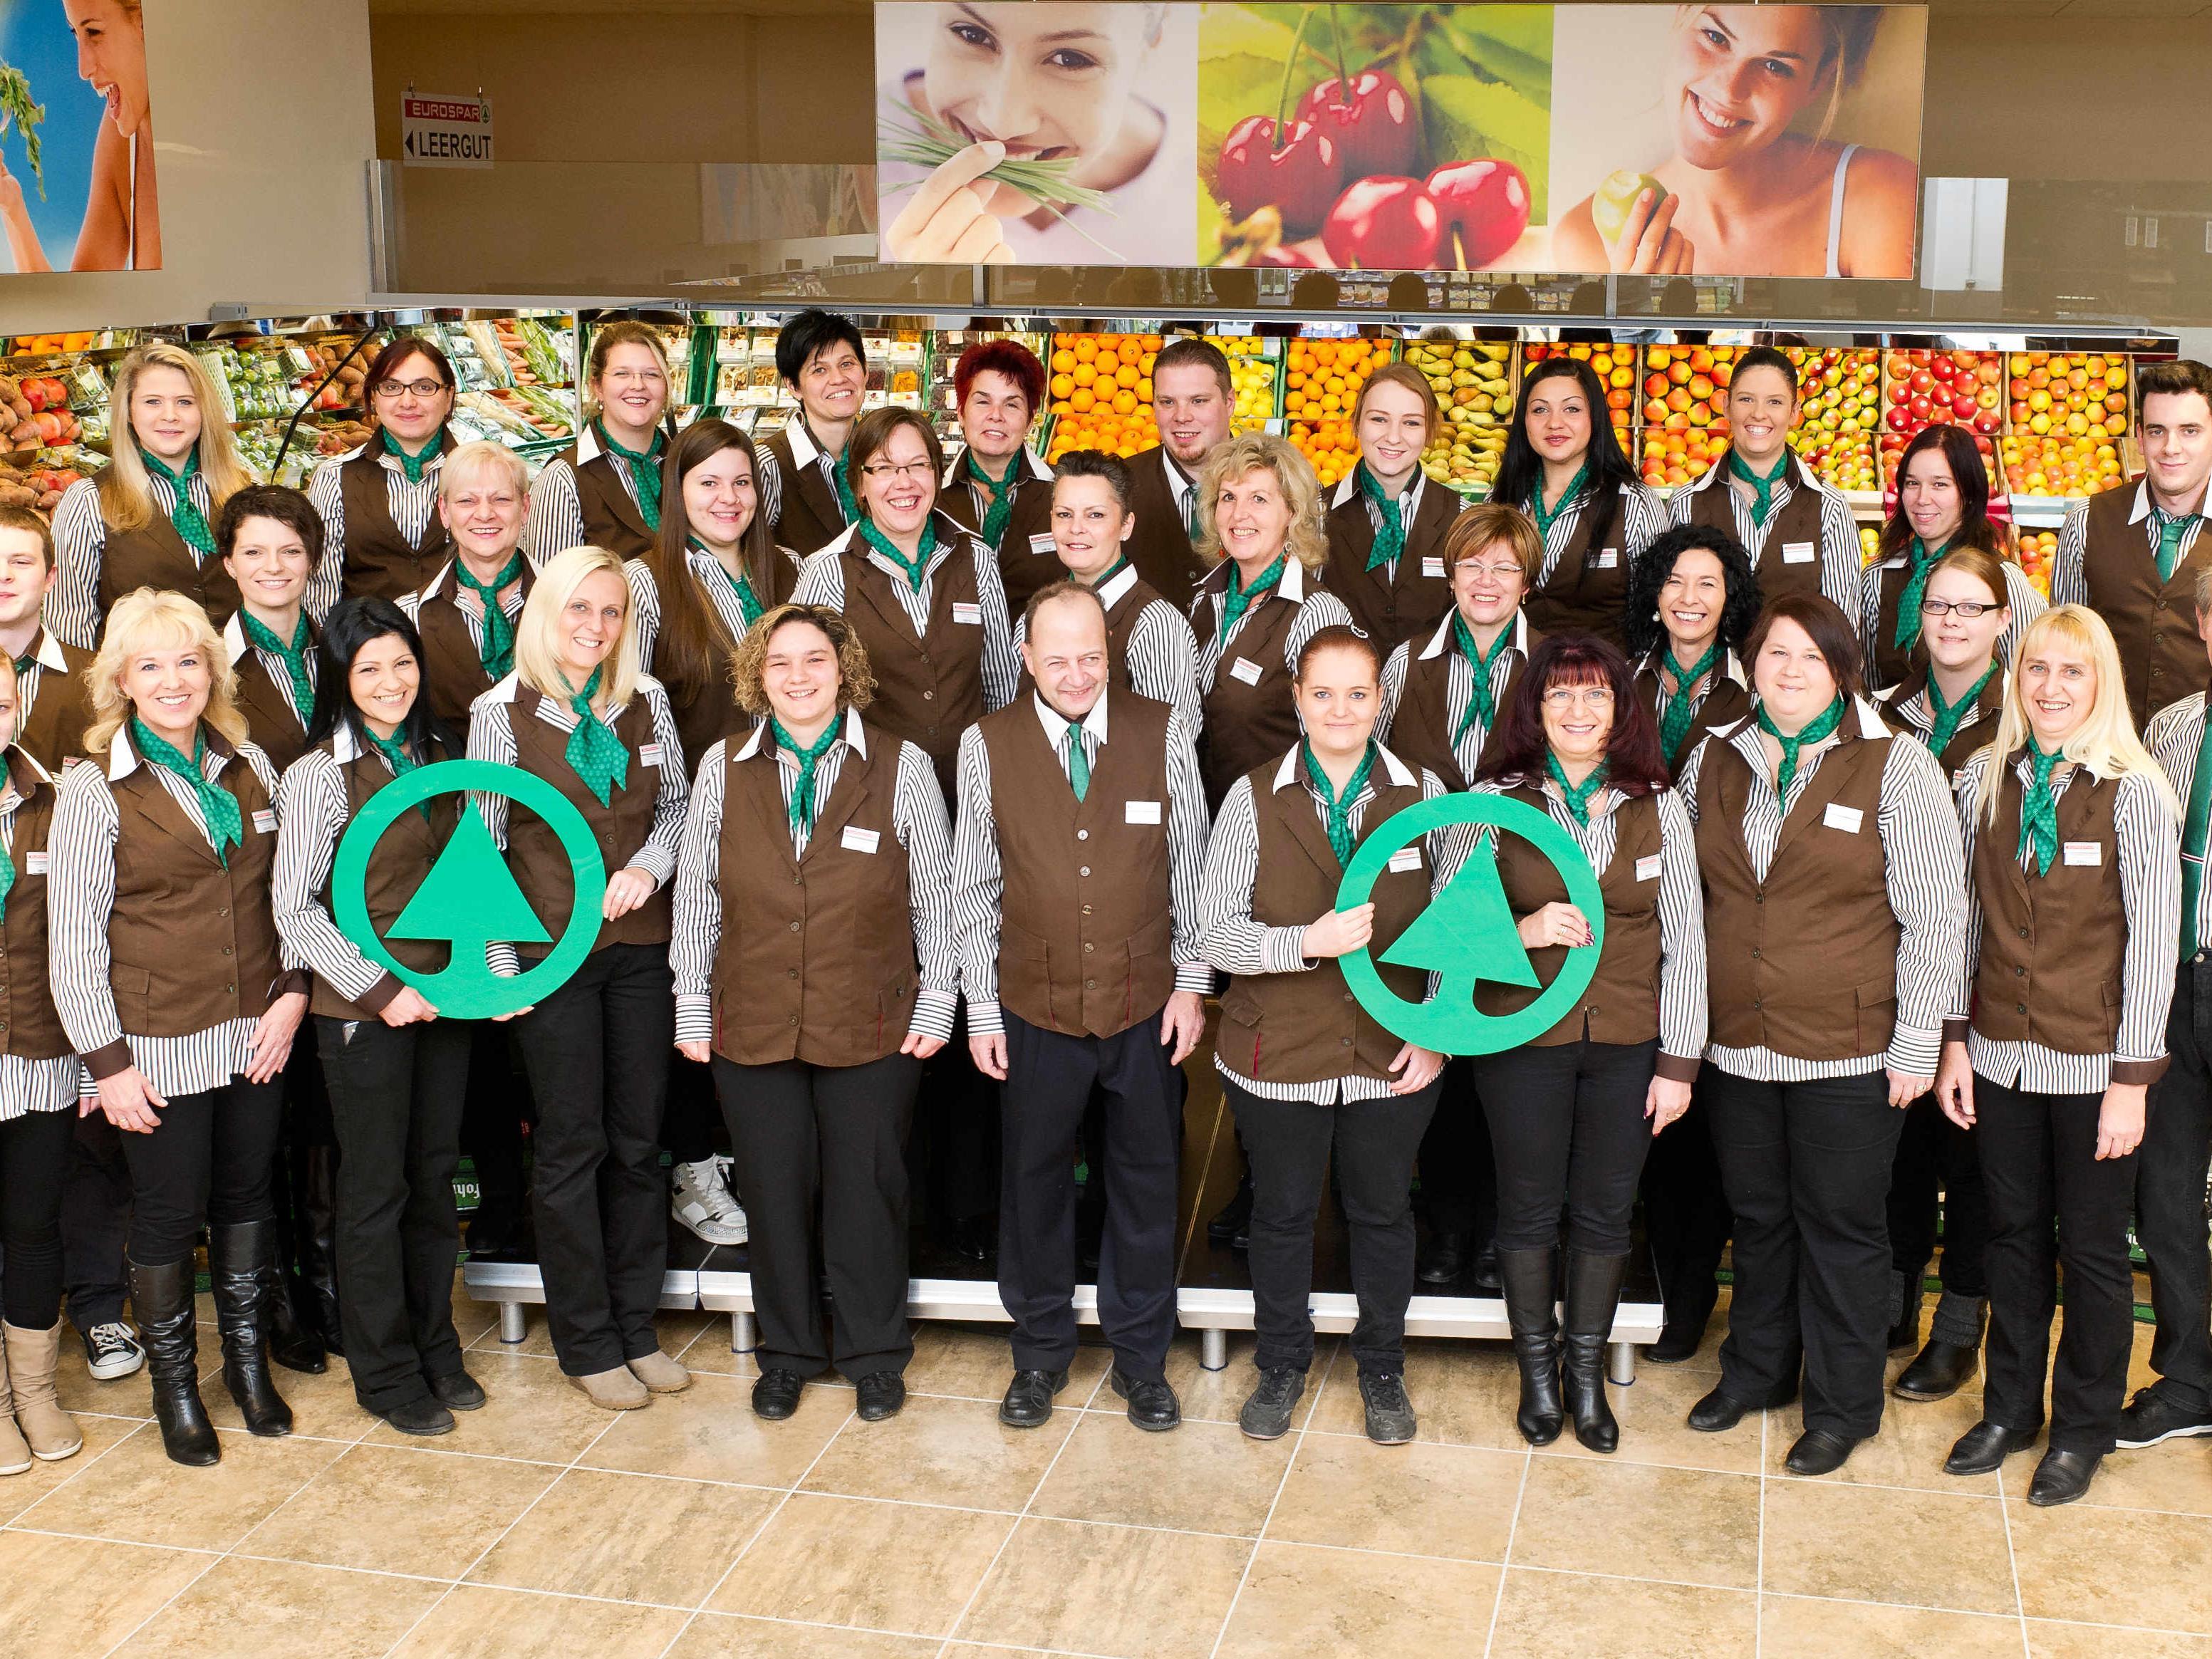 Marktleiter Jürgen Dell-Osbel (Mitte) und sein Team begrüßen ihre Kunden ab Donnerstag, 28.11.2013 wieder in ihrem neu gestalteten Geschäft